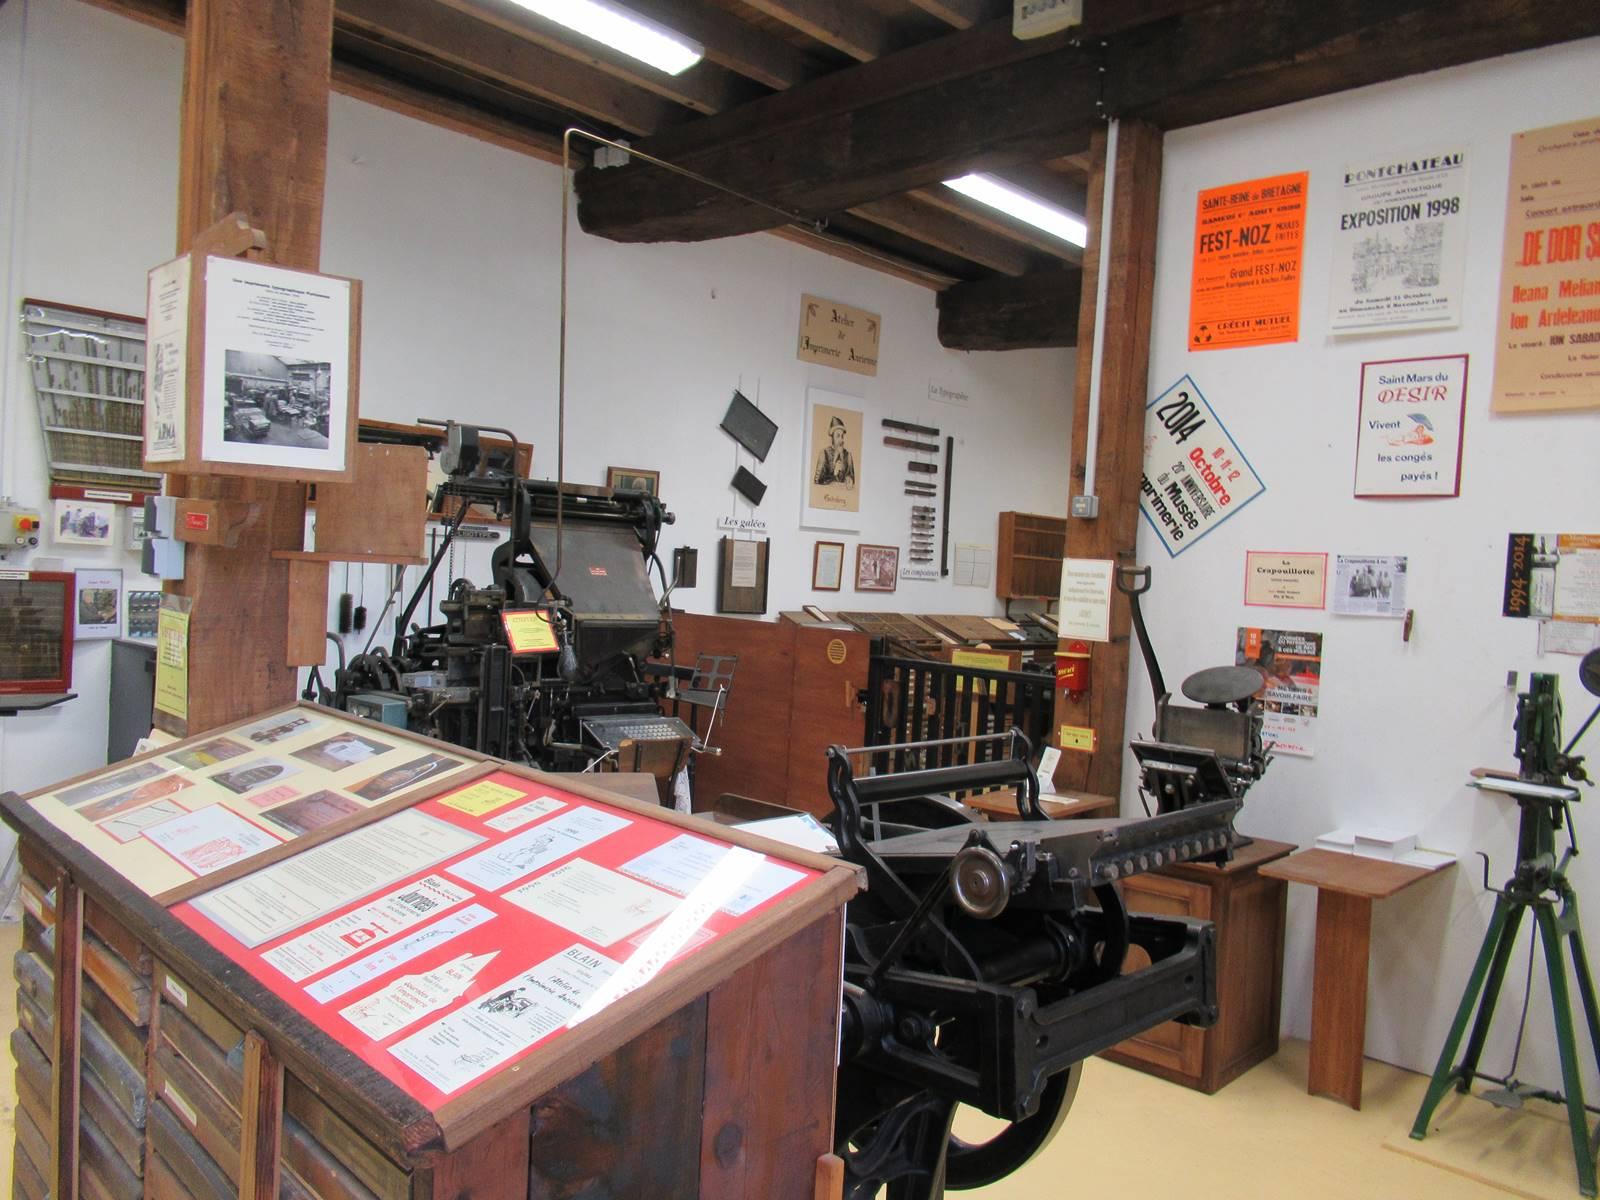 Musee de l imprimerie de blain 1